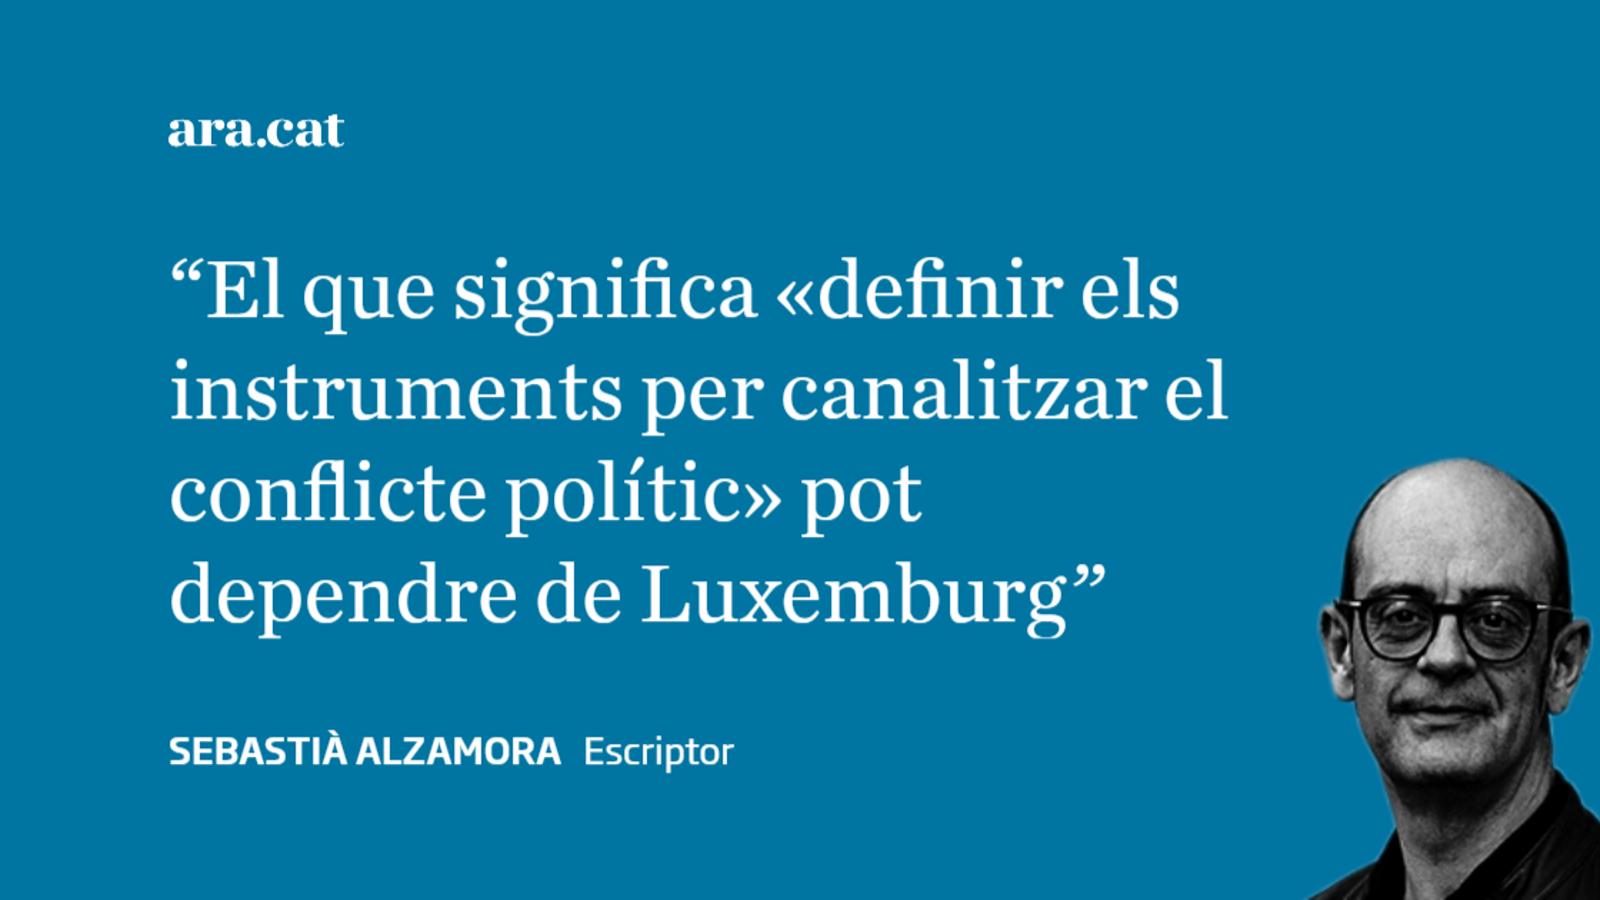 Tot esperant Luxemburg